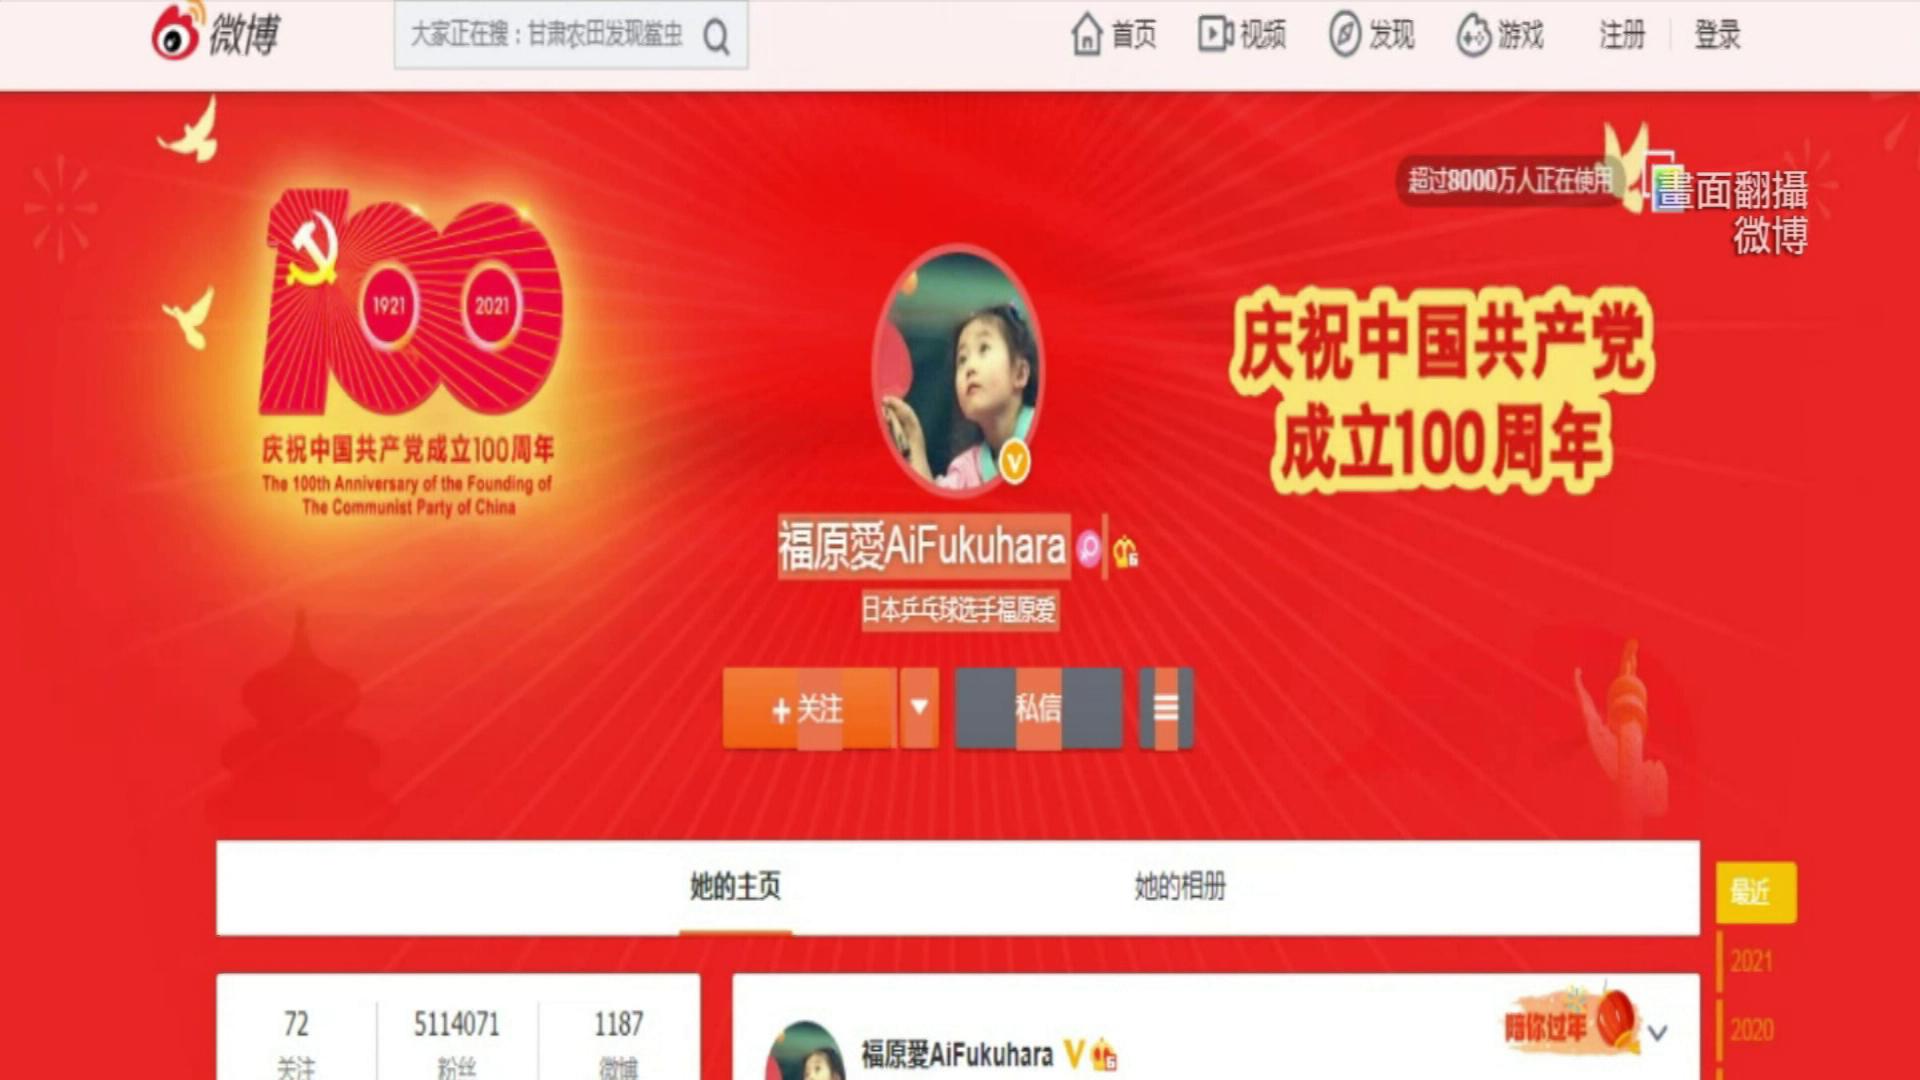 福原愛離婚首發聲! 微博向中國粉絲「討拍」:一定會加油的